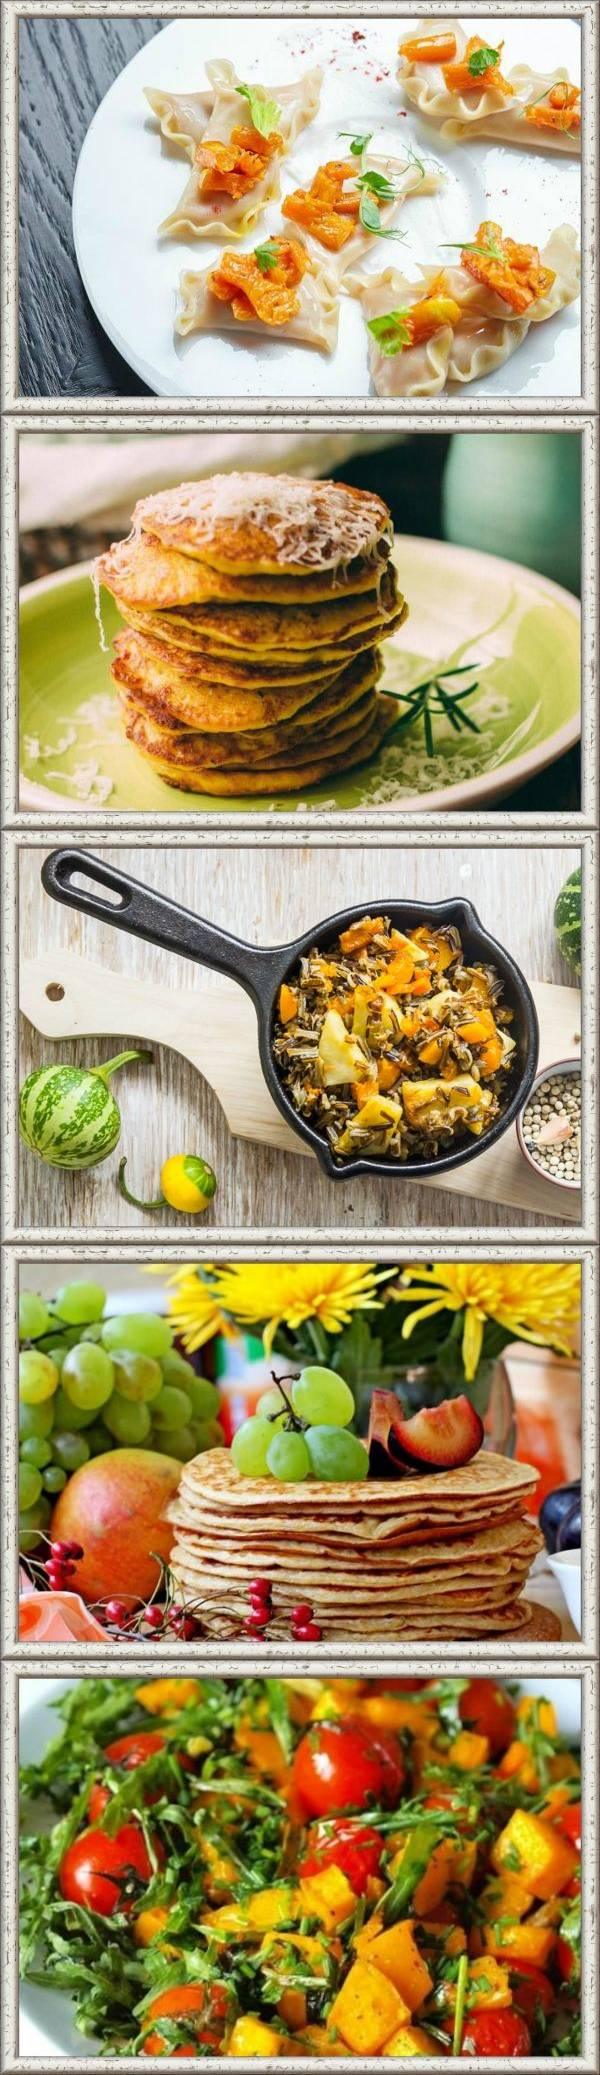 Что приготовить из тыквы. 15 вариантов несложных блюд